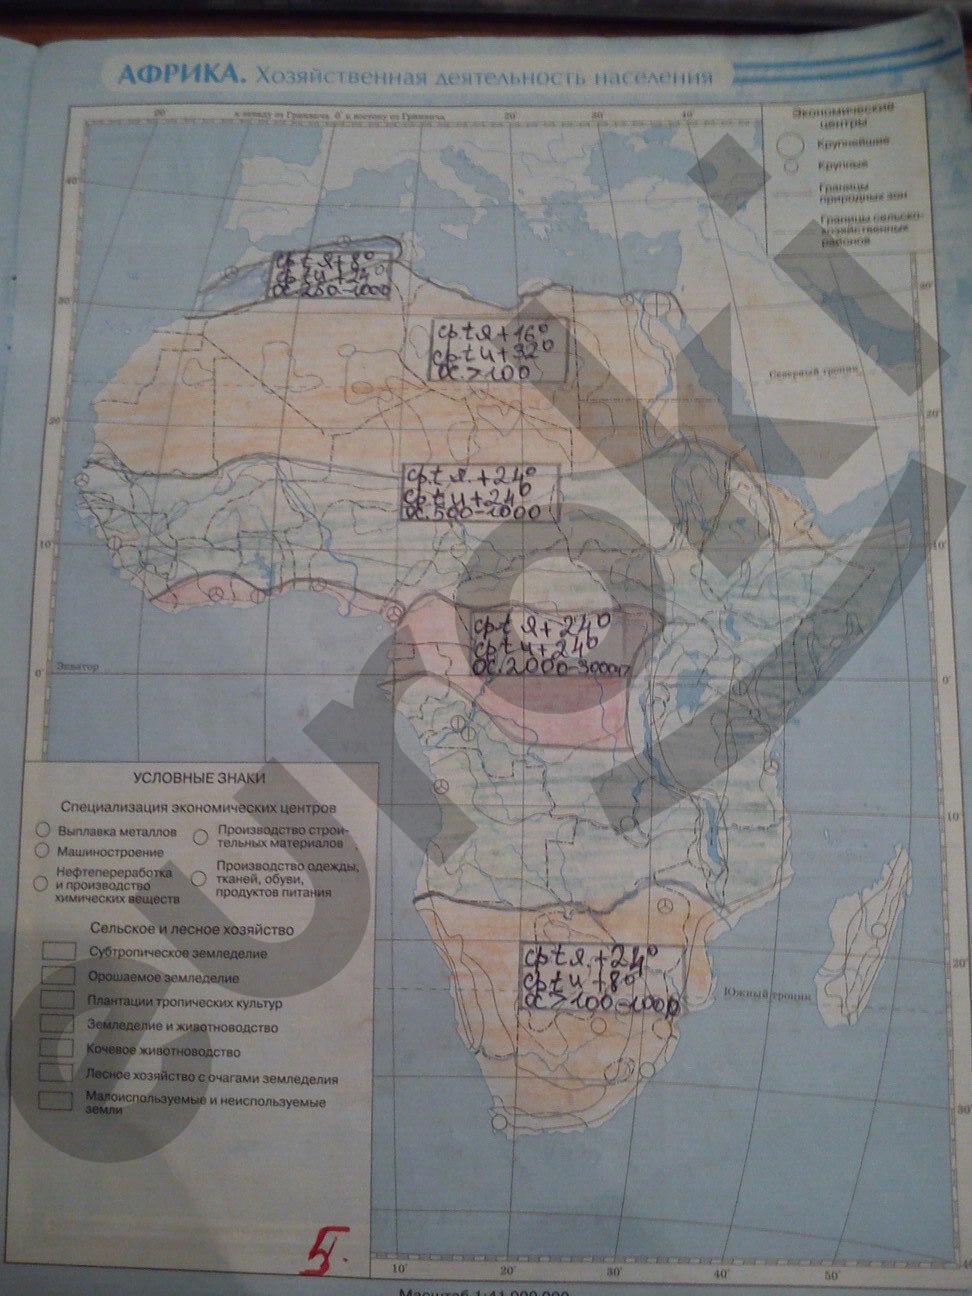 гдз по географии в атласе за 7 класс